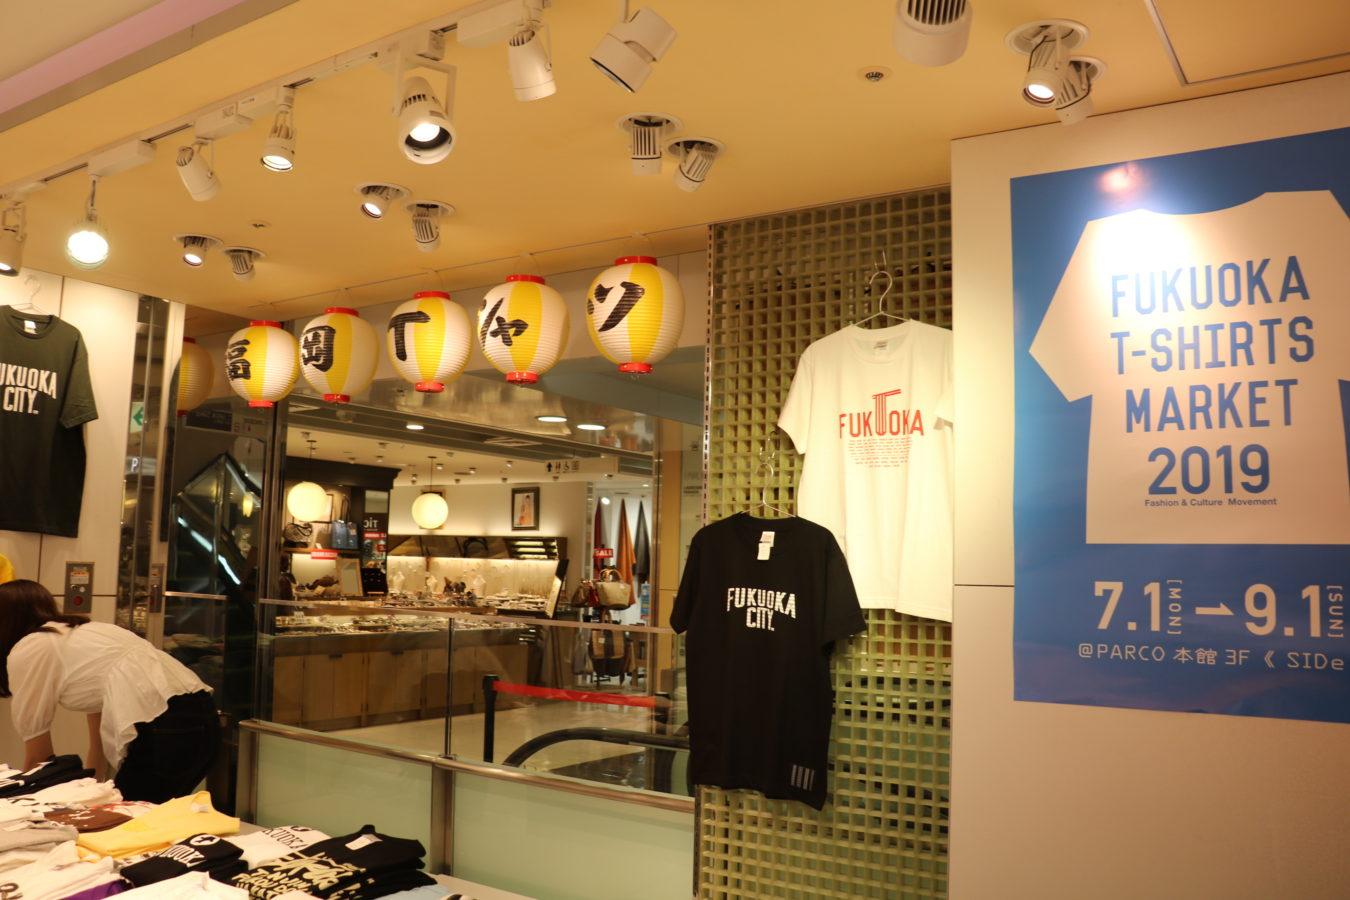 福岡Tシャツマーケット2019!ファッション科もデザインで参加!